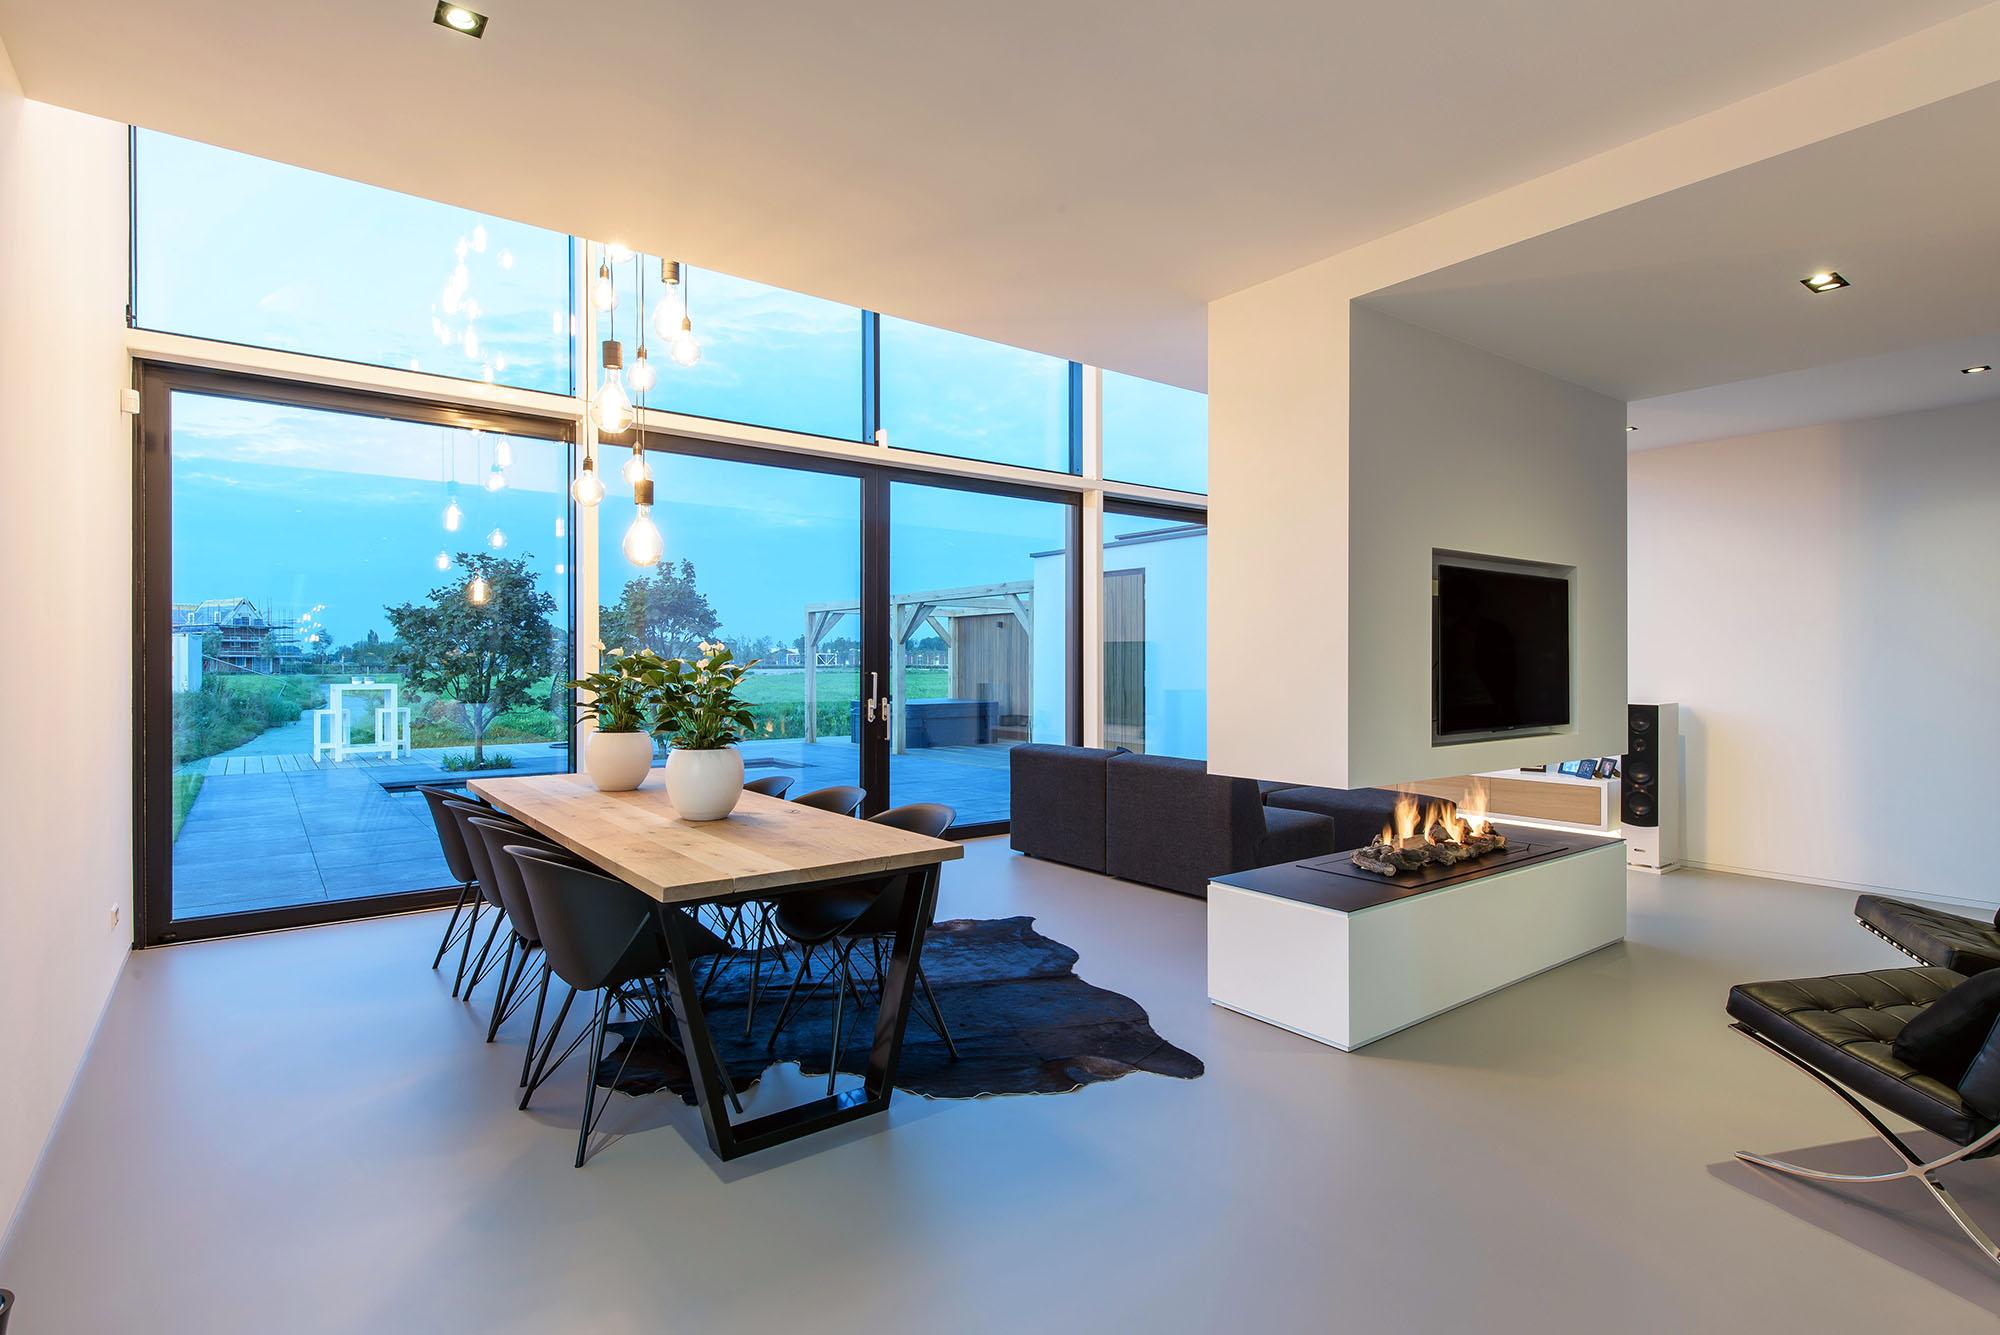 JURY-House008-interieur-haard-vide-01